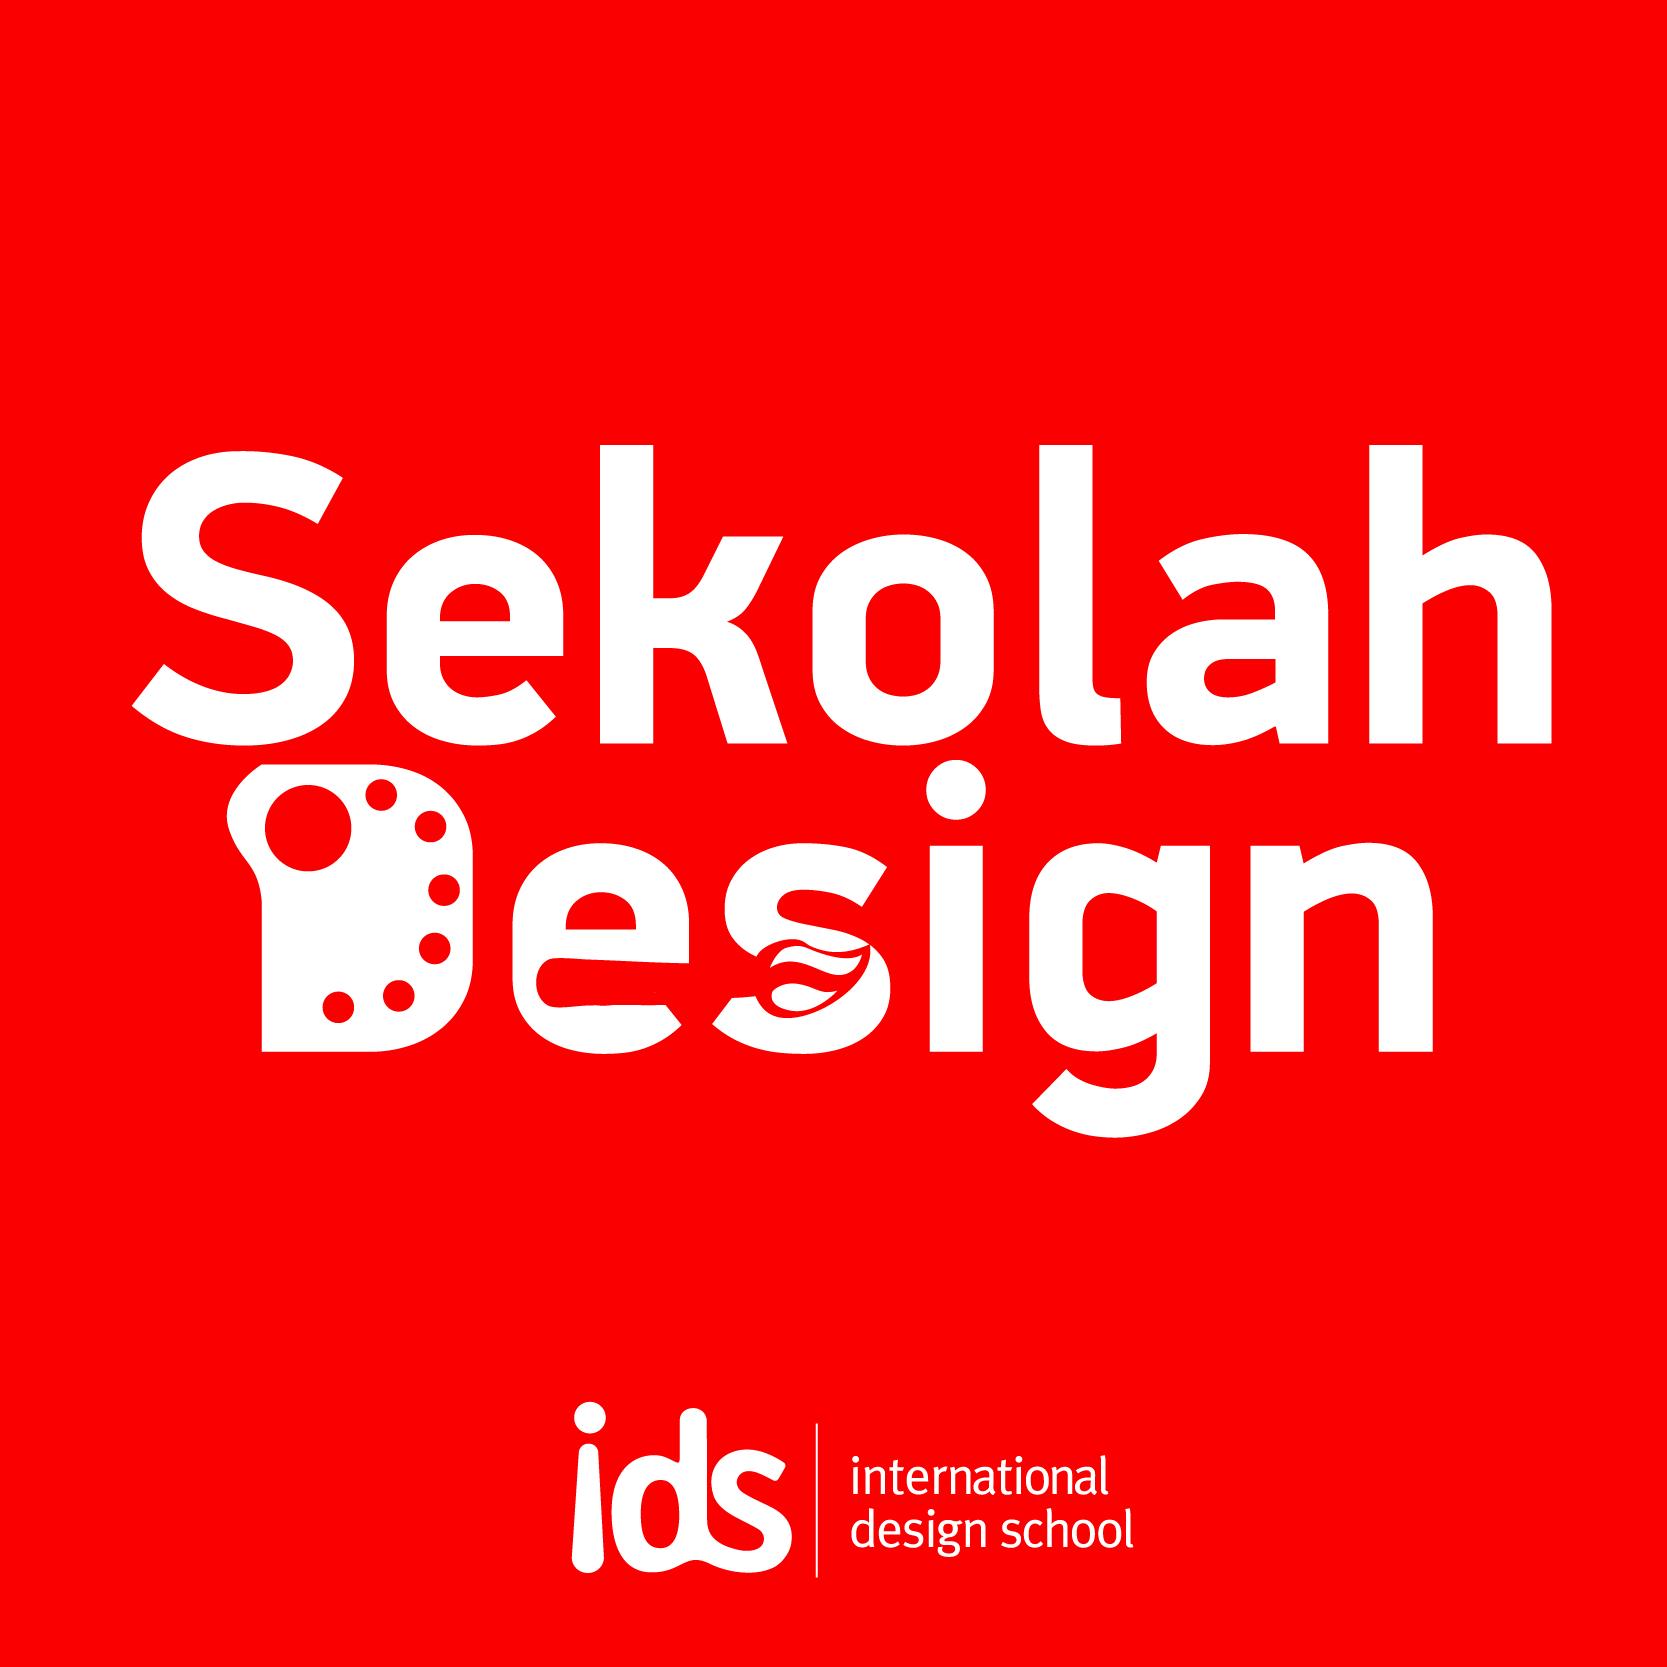 sekolah design